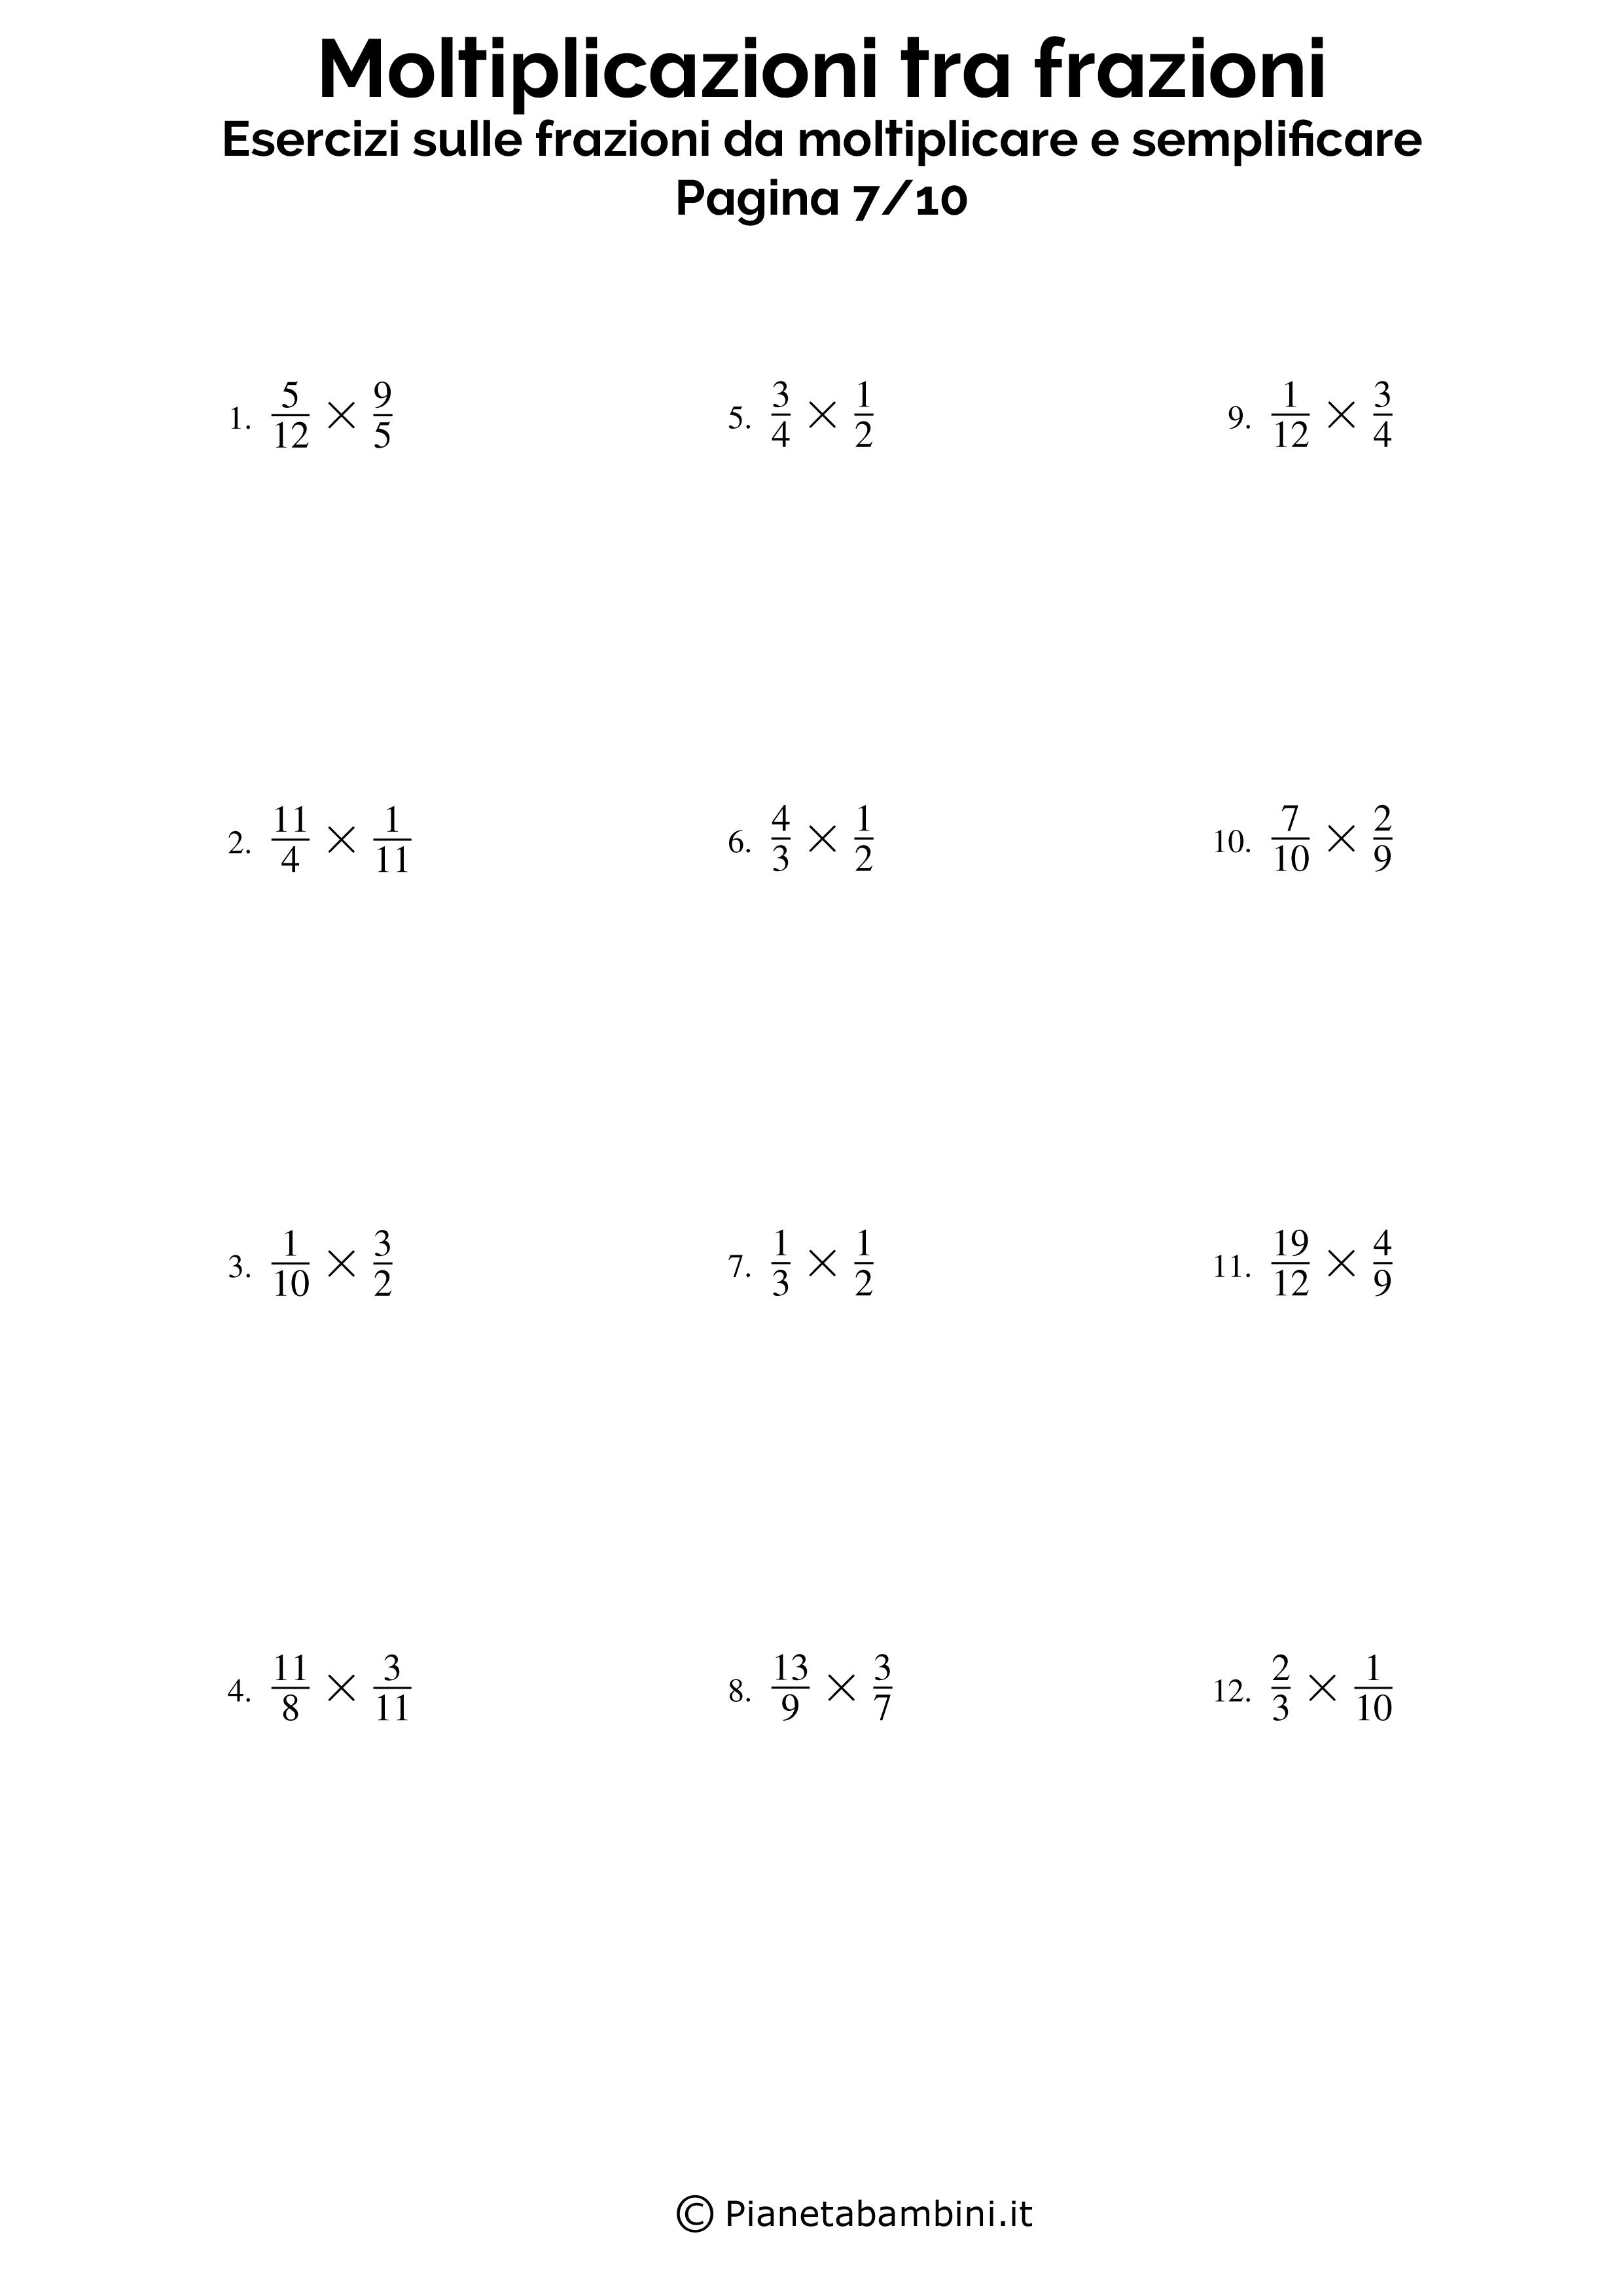 Frazioni-Moltiplicare-Semplificare_07